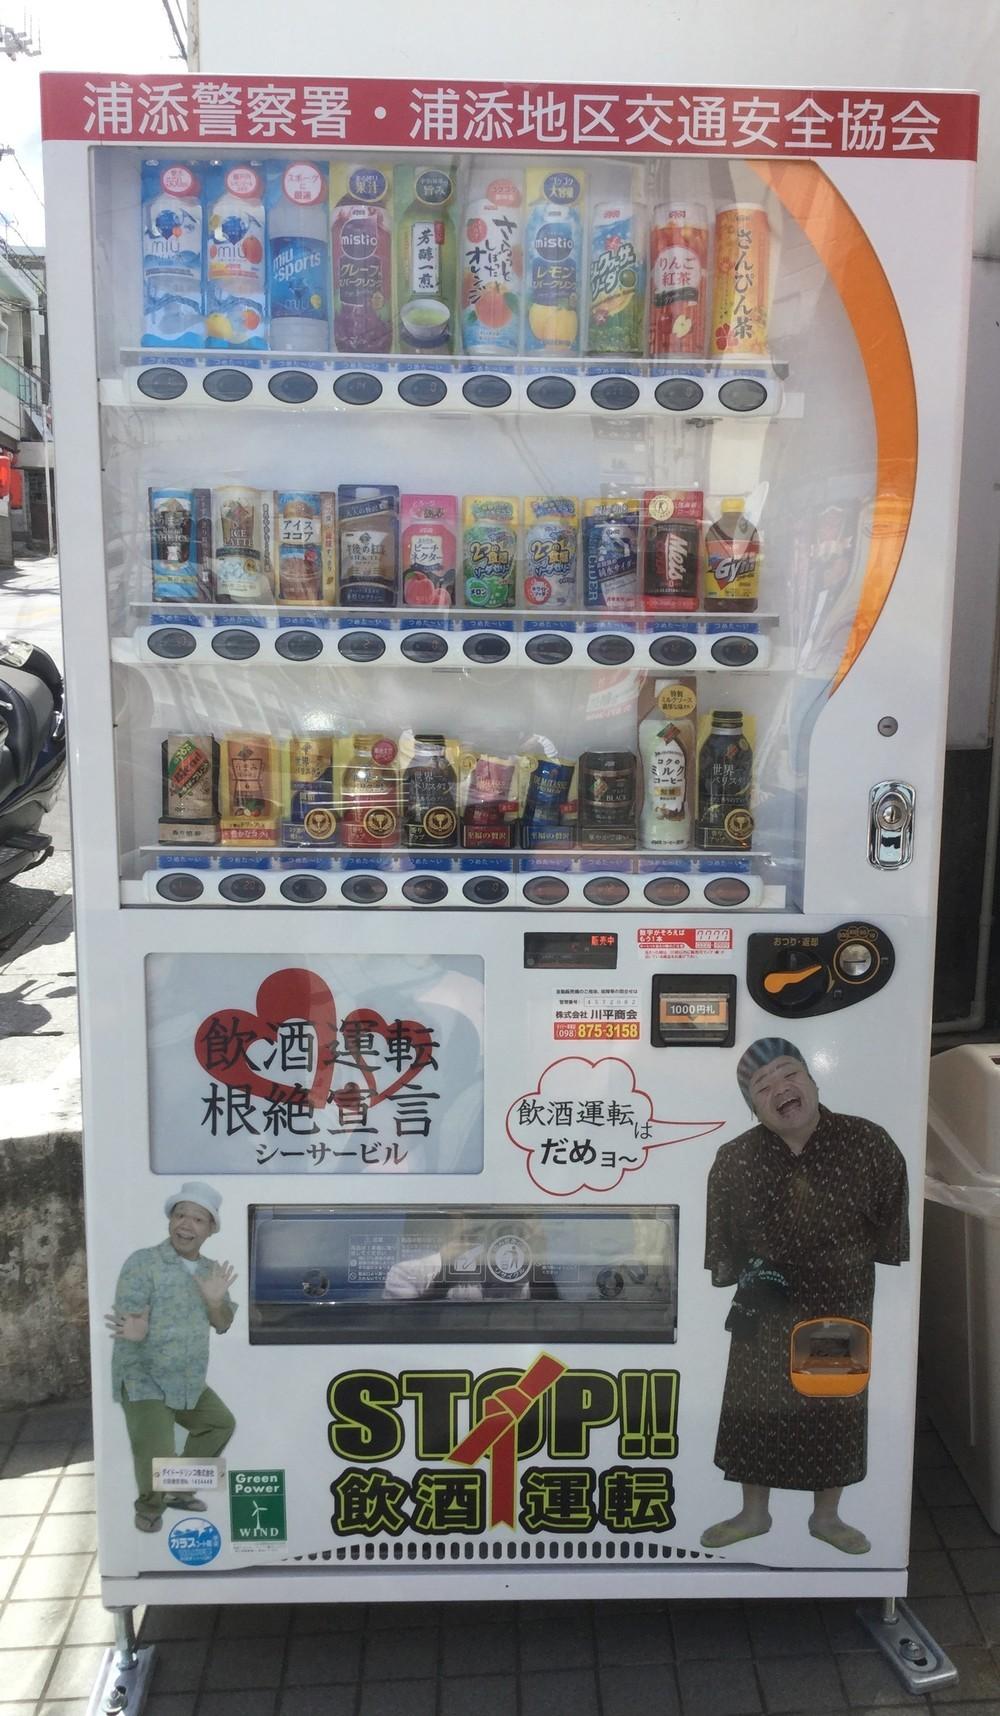 「飲酒運転しないでね!」沖縄に「おしゃべり自販機」登場 ダイドードリンコ